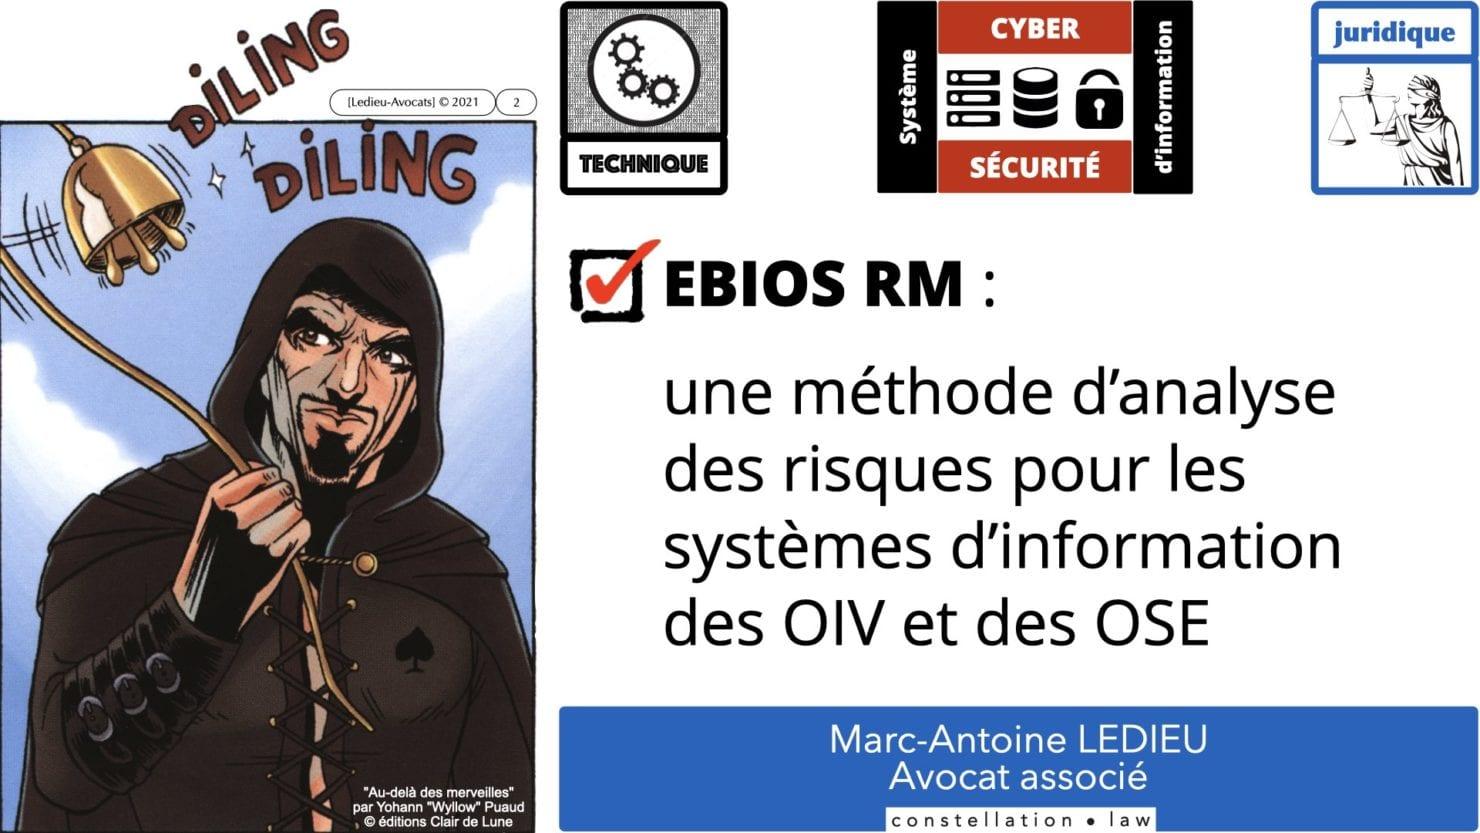 342 cyber sécurité #2 OIV OSE analyse risque EBIOS RM © Ledieu-avocat 15-07-2021.002